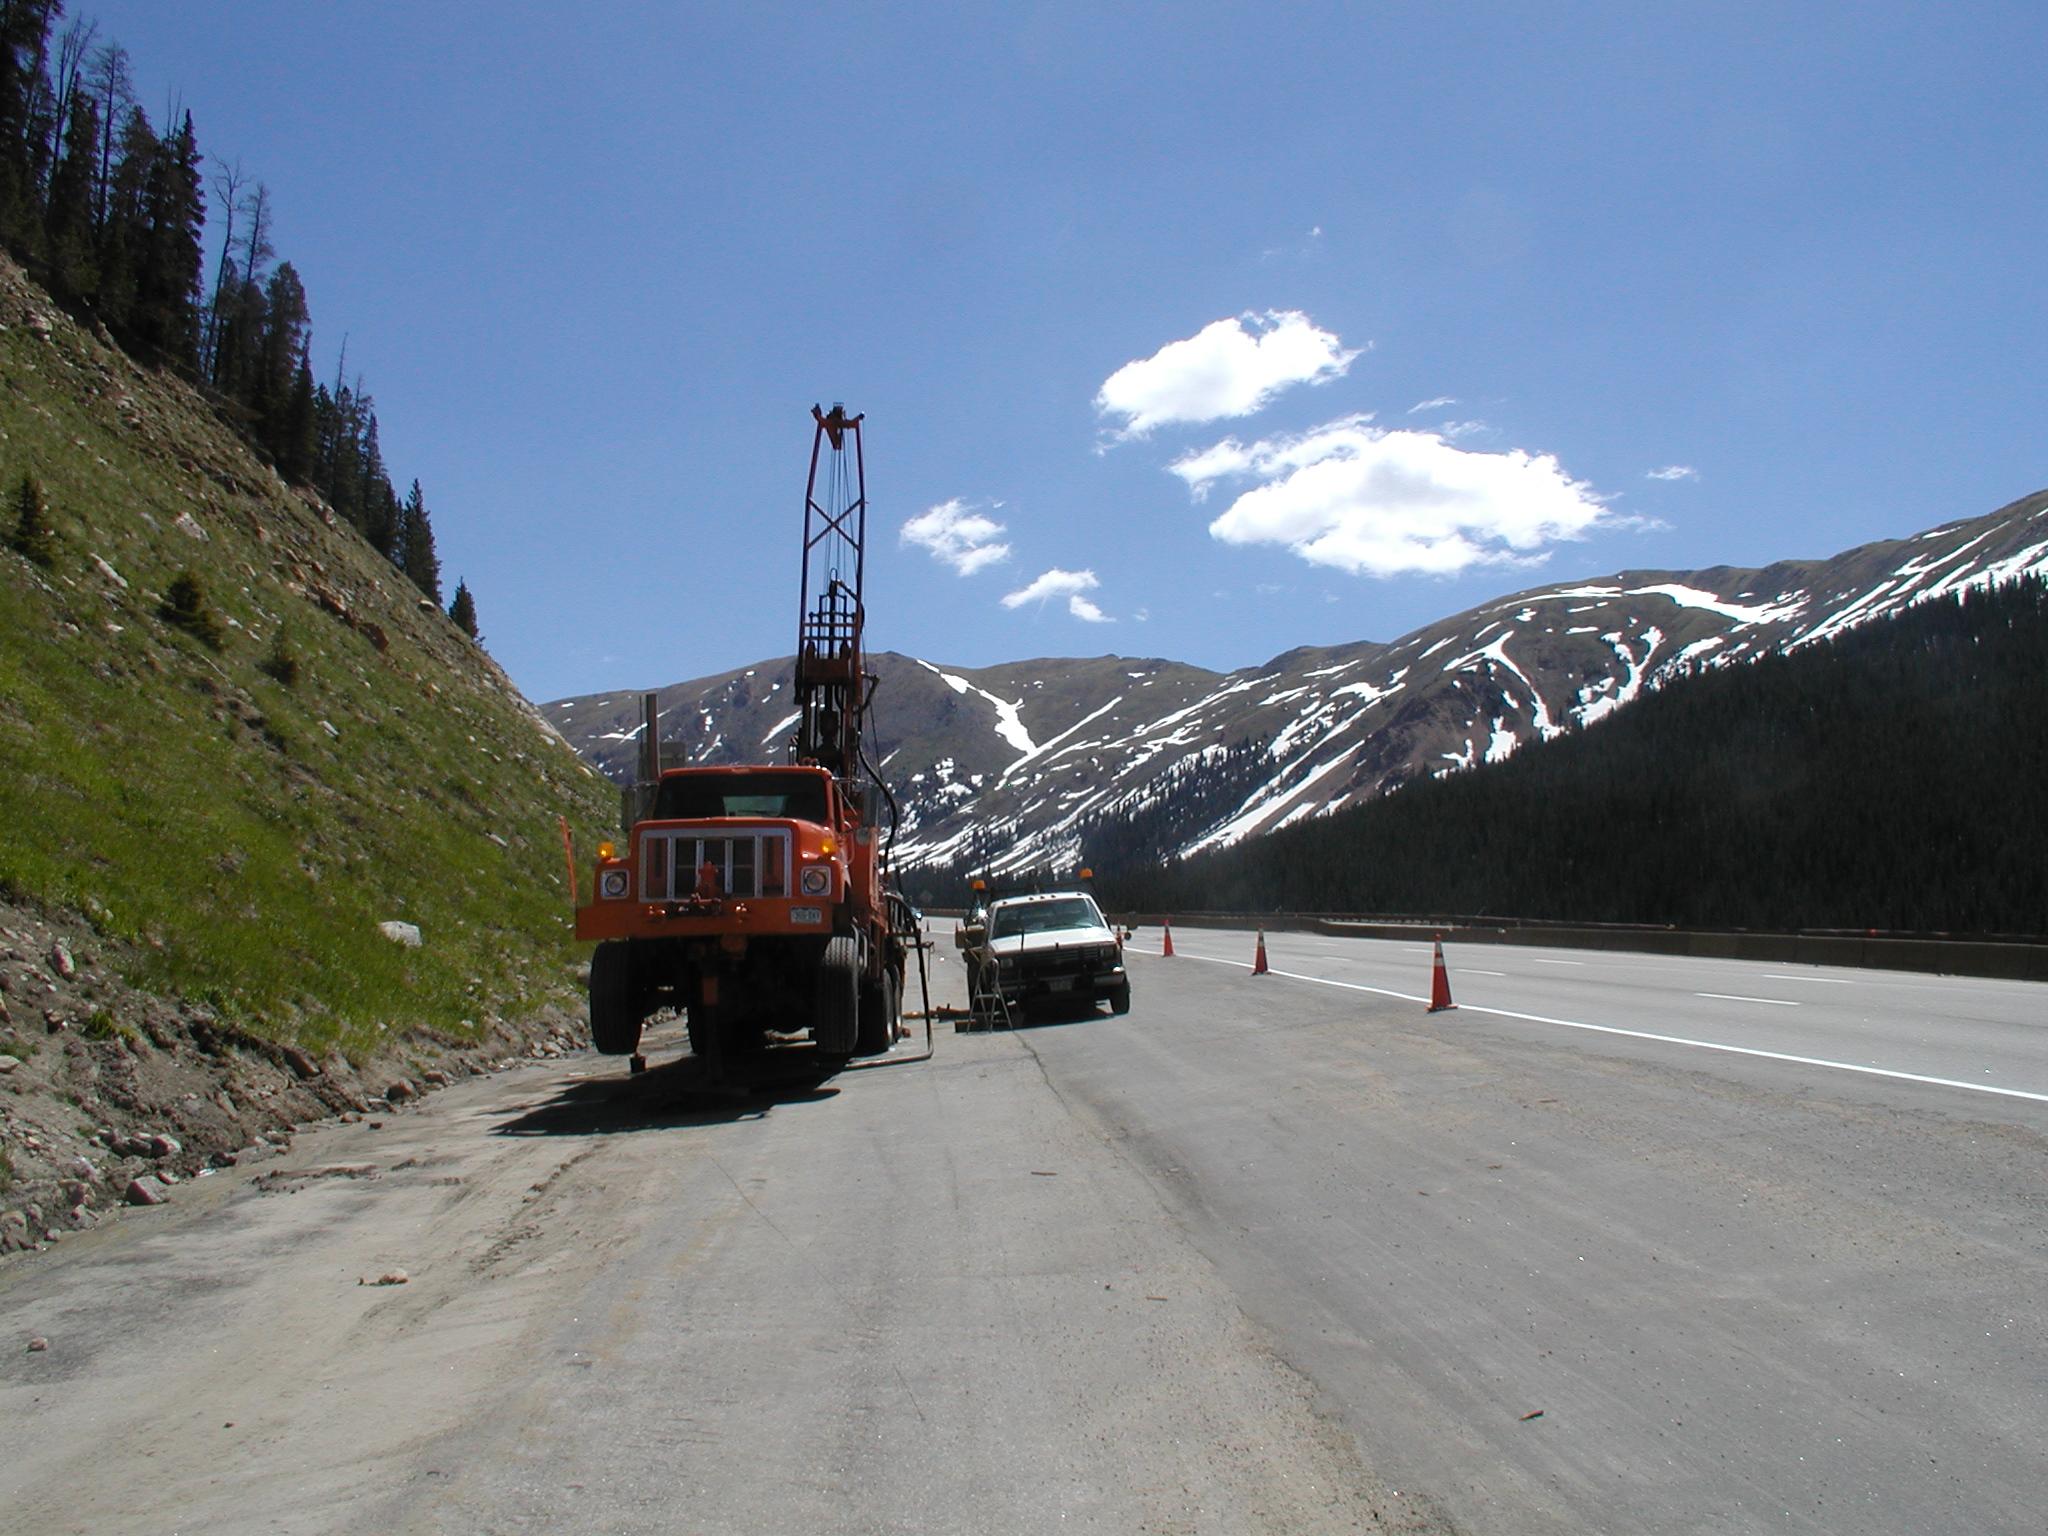 Mountain Highway detail image